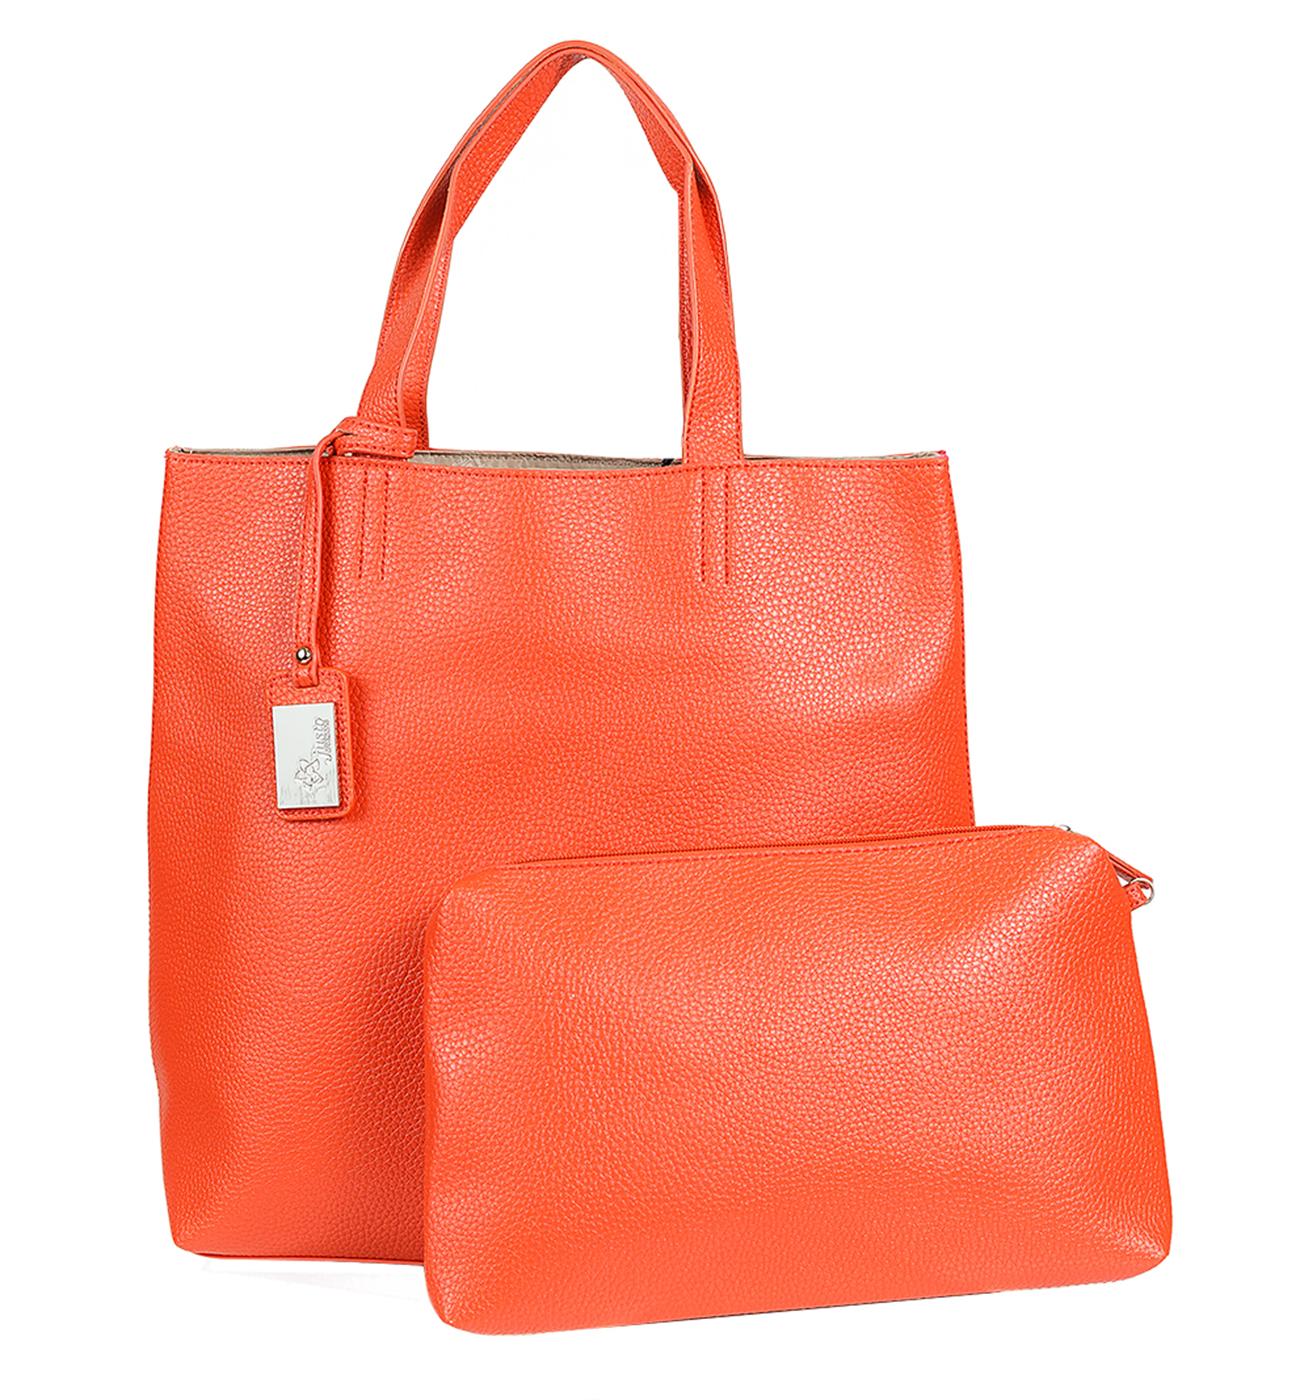 Сбор заказов.Огромный выбор настоящих европейских сумок от итальянских и шведских производителей.Яркая весна.Есть распродажа от 250руб.